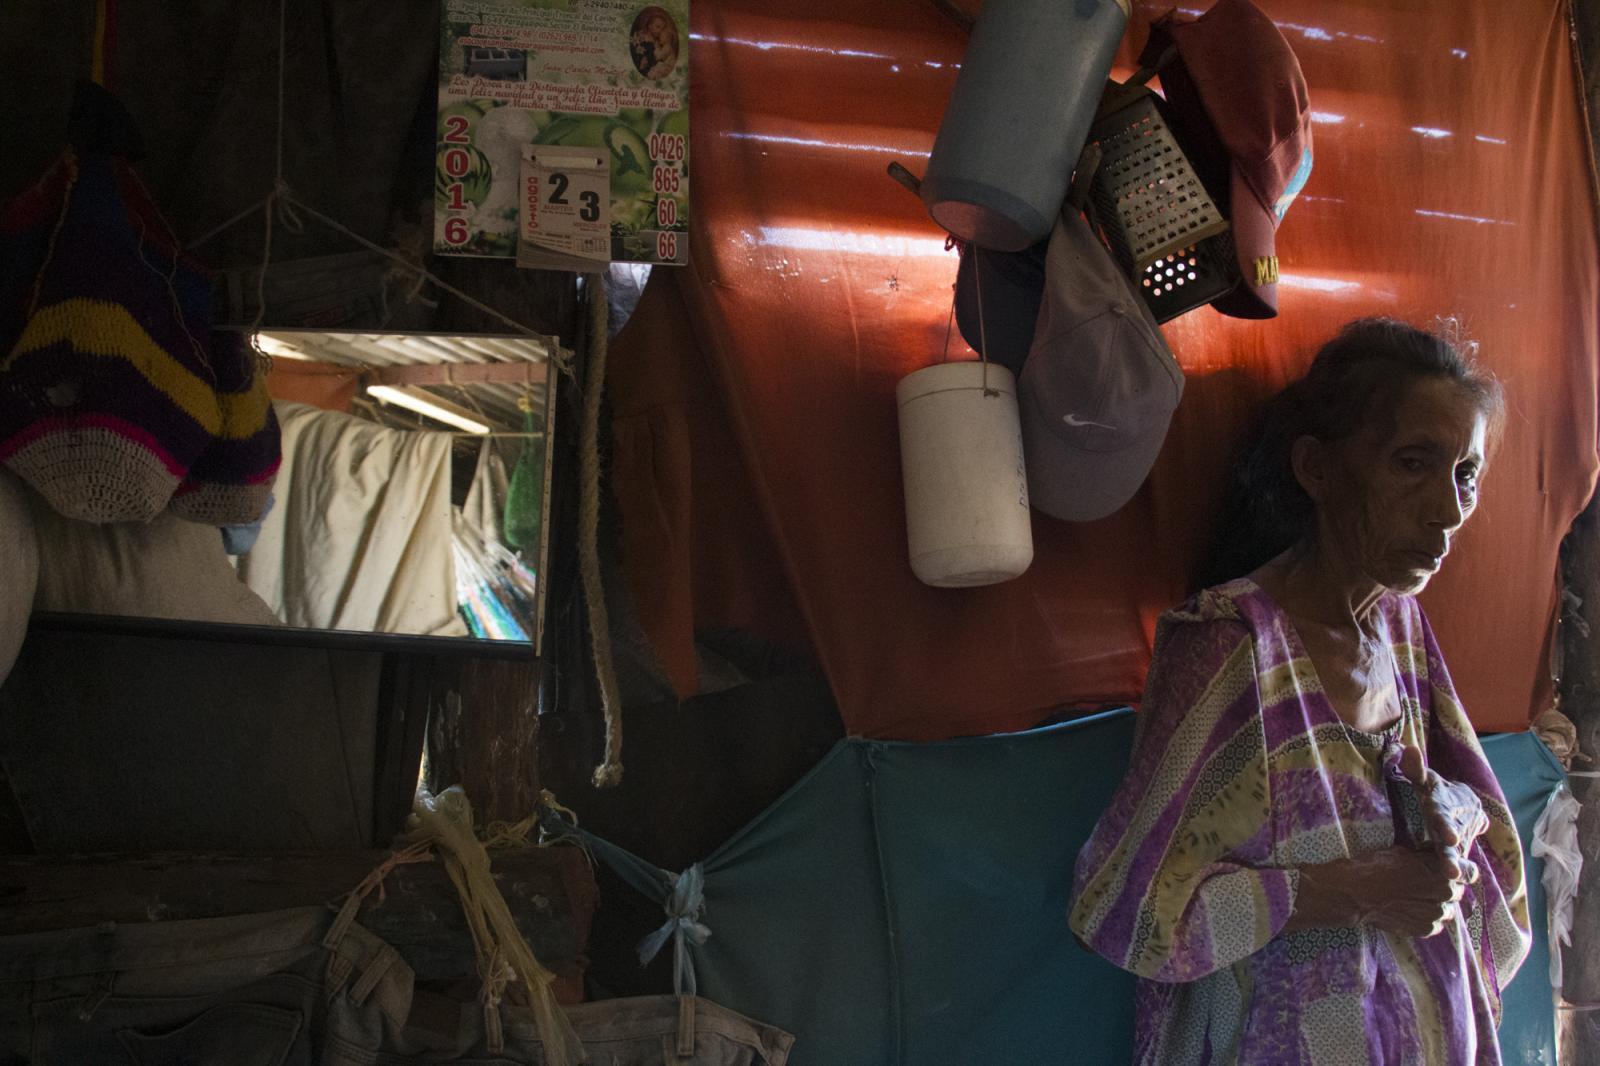 Elvira María, abuela de Josué Urdaneta, un niño que un año que presentó desnutrición, durante una entrevista en su casa en el sector Caracolito I de la Alta Guajira el 3 de agosto de 2016. Los wayuú, etnia de la guajira venezolana, se han visto afectados por la profunda crisis que atraviesa Venezuela, confirmándose la muerte por desnutrición de dos niños hermanos.